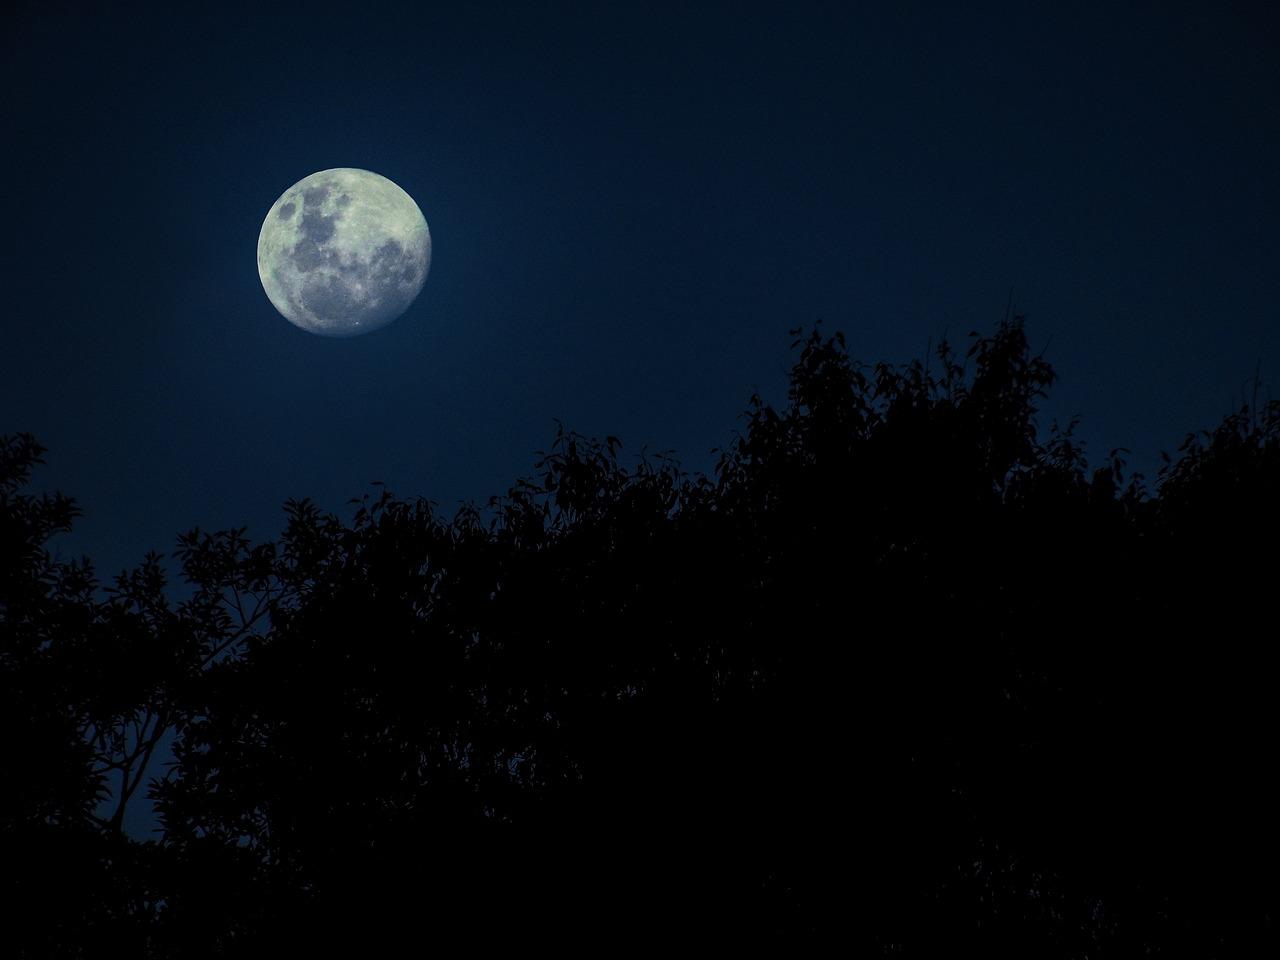 центре села картинки луны ночью в хорошем качестве волков